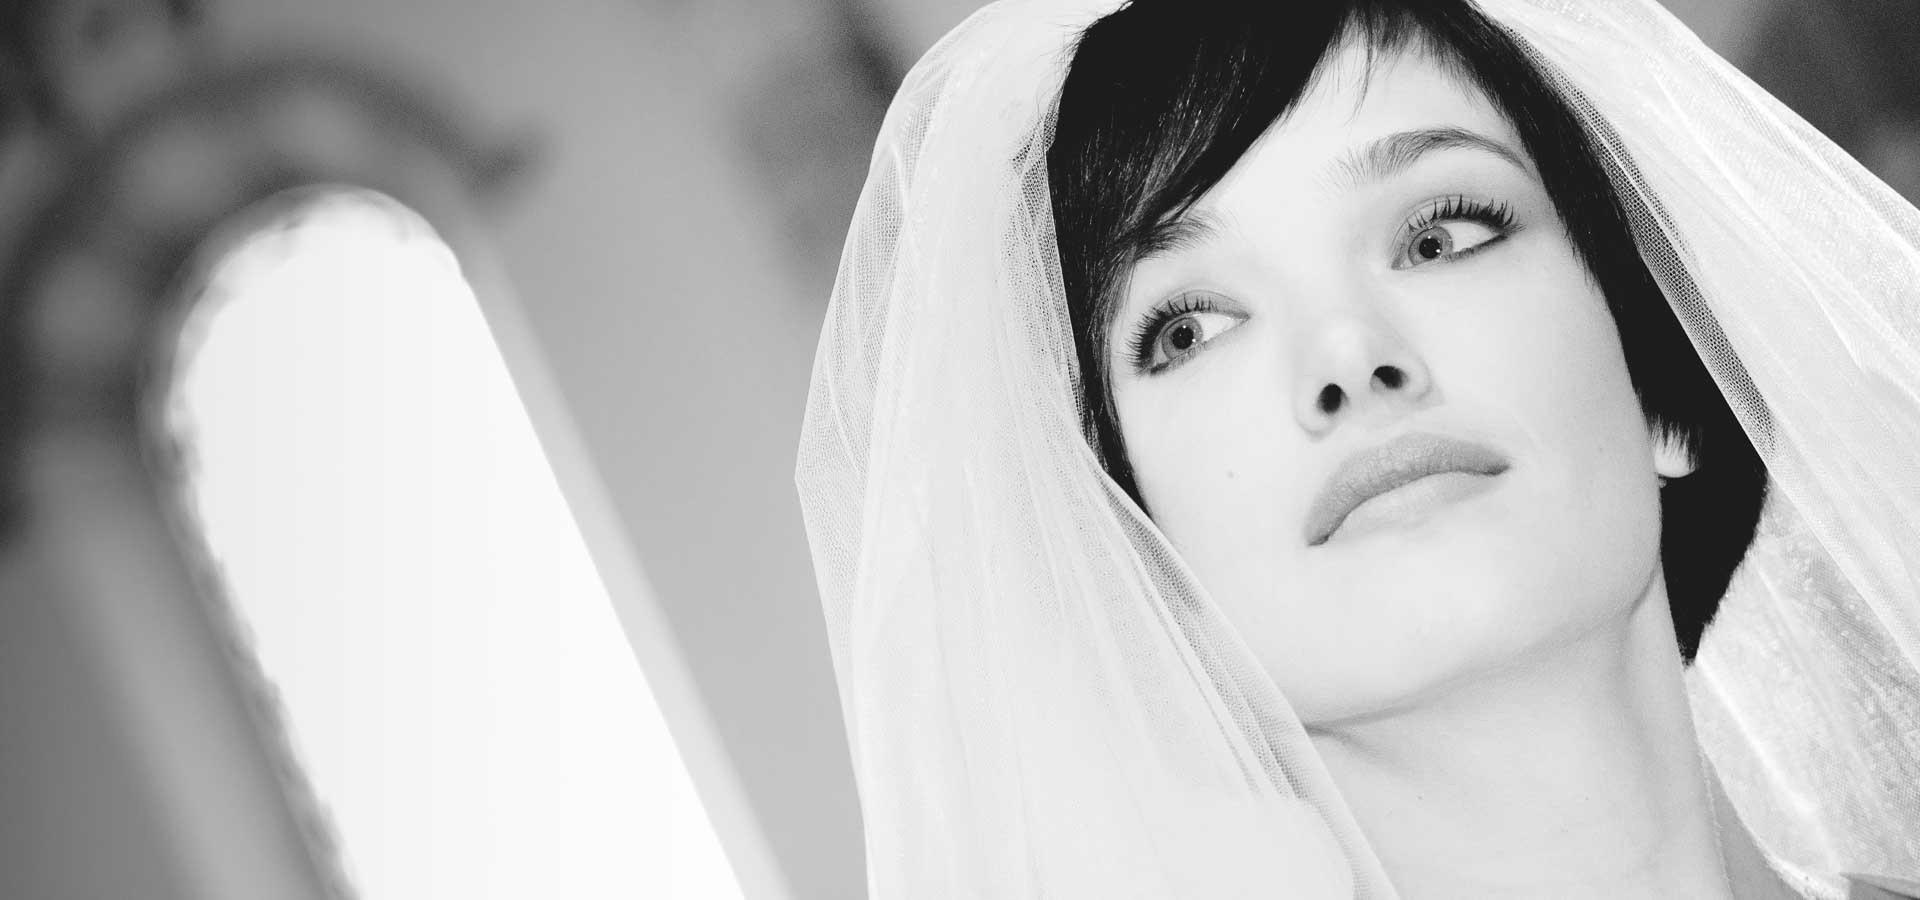 giovane ragazza al proprio matrimonio con velo in chiesa